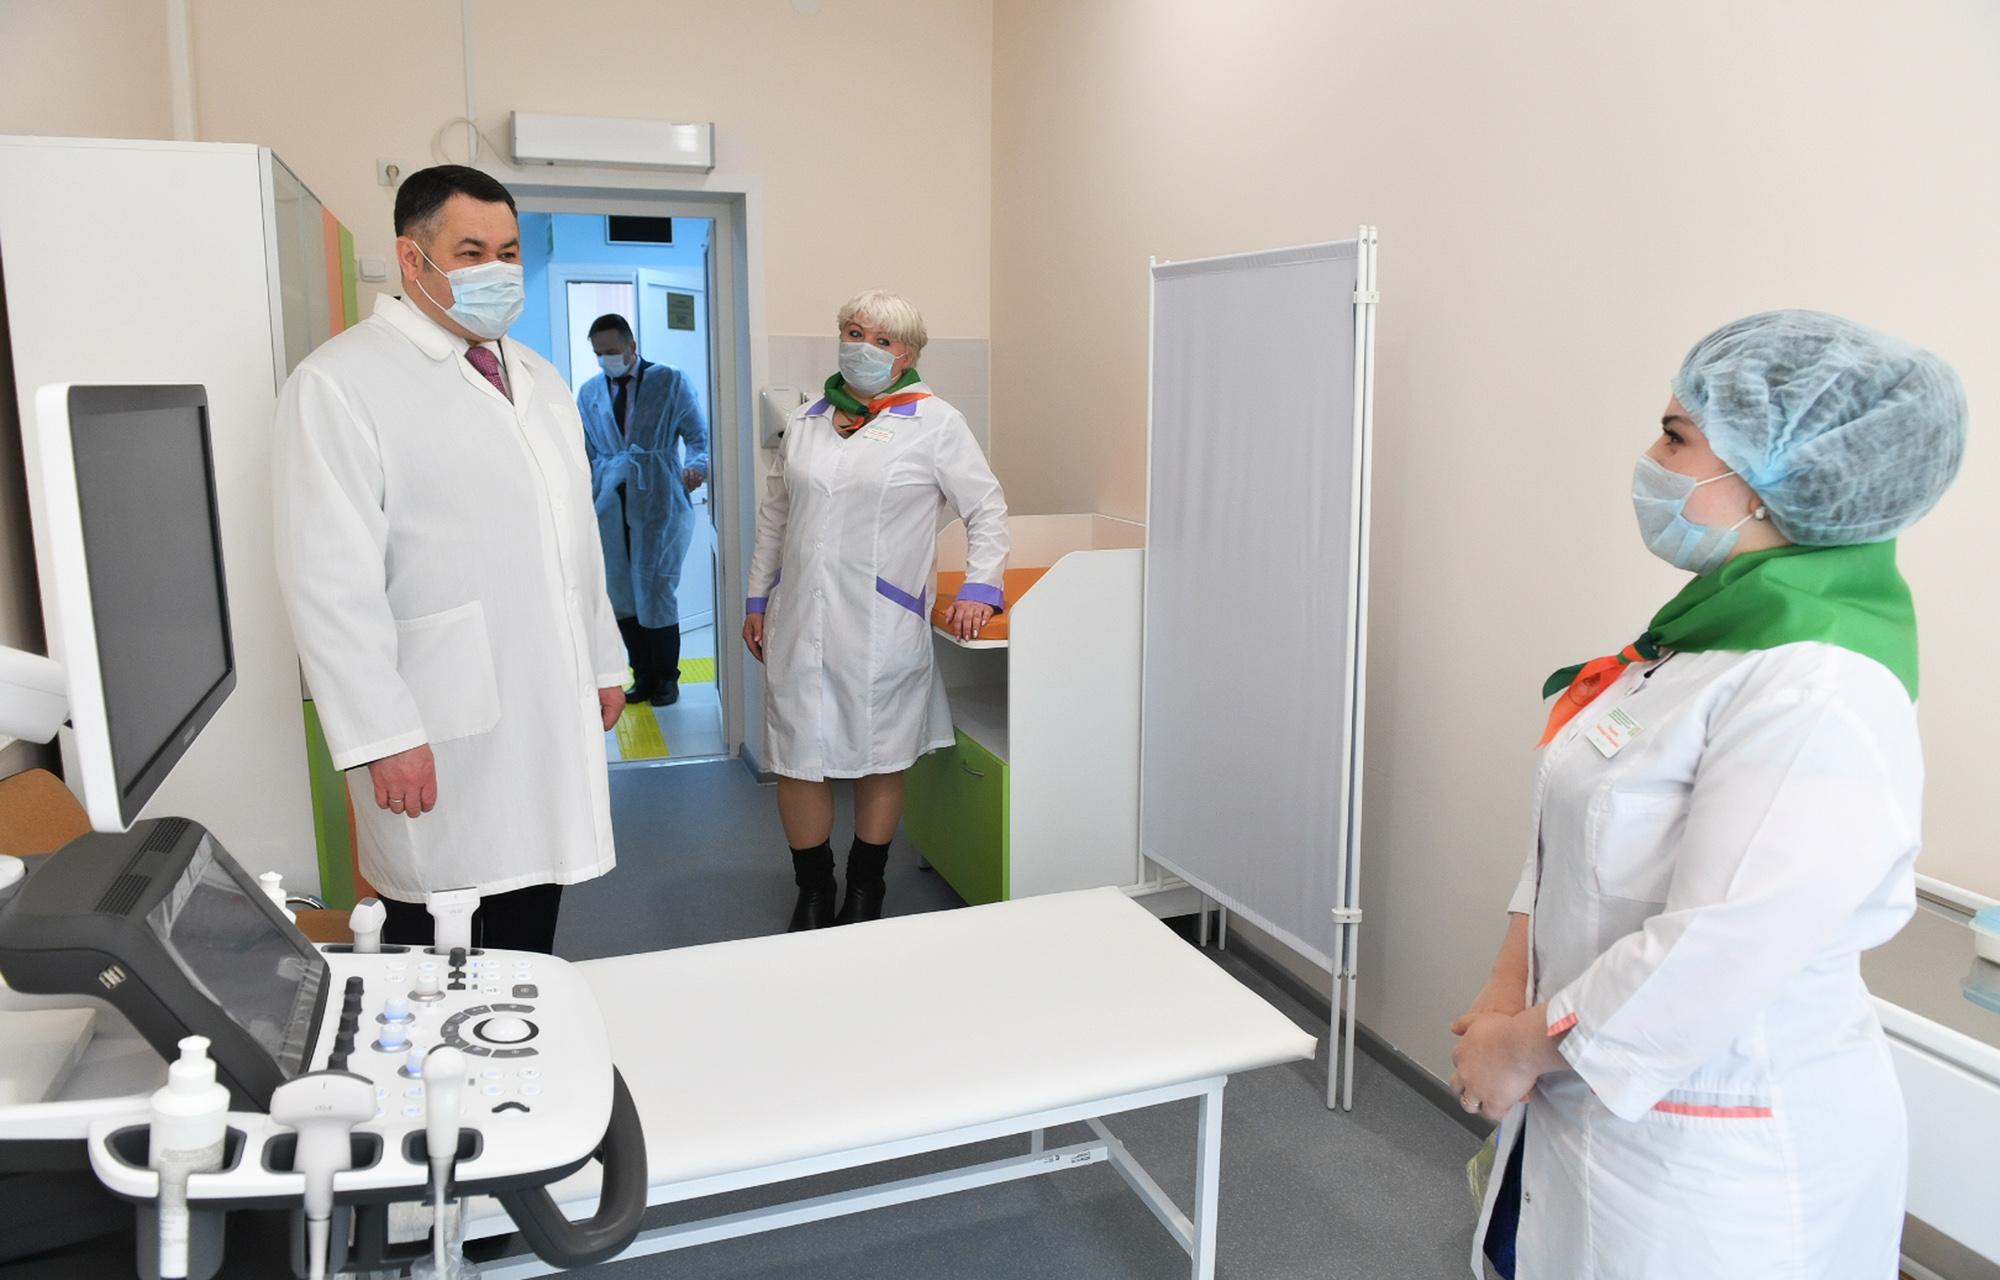 Губернатор посетил детскую поликлинику в микрорайоне «Южный» в Твери